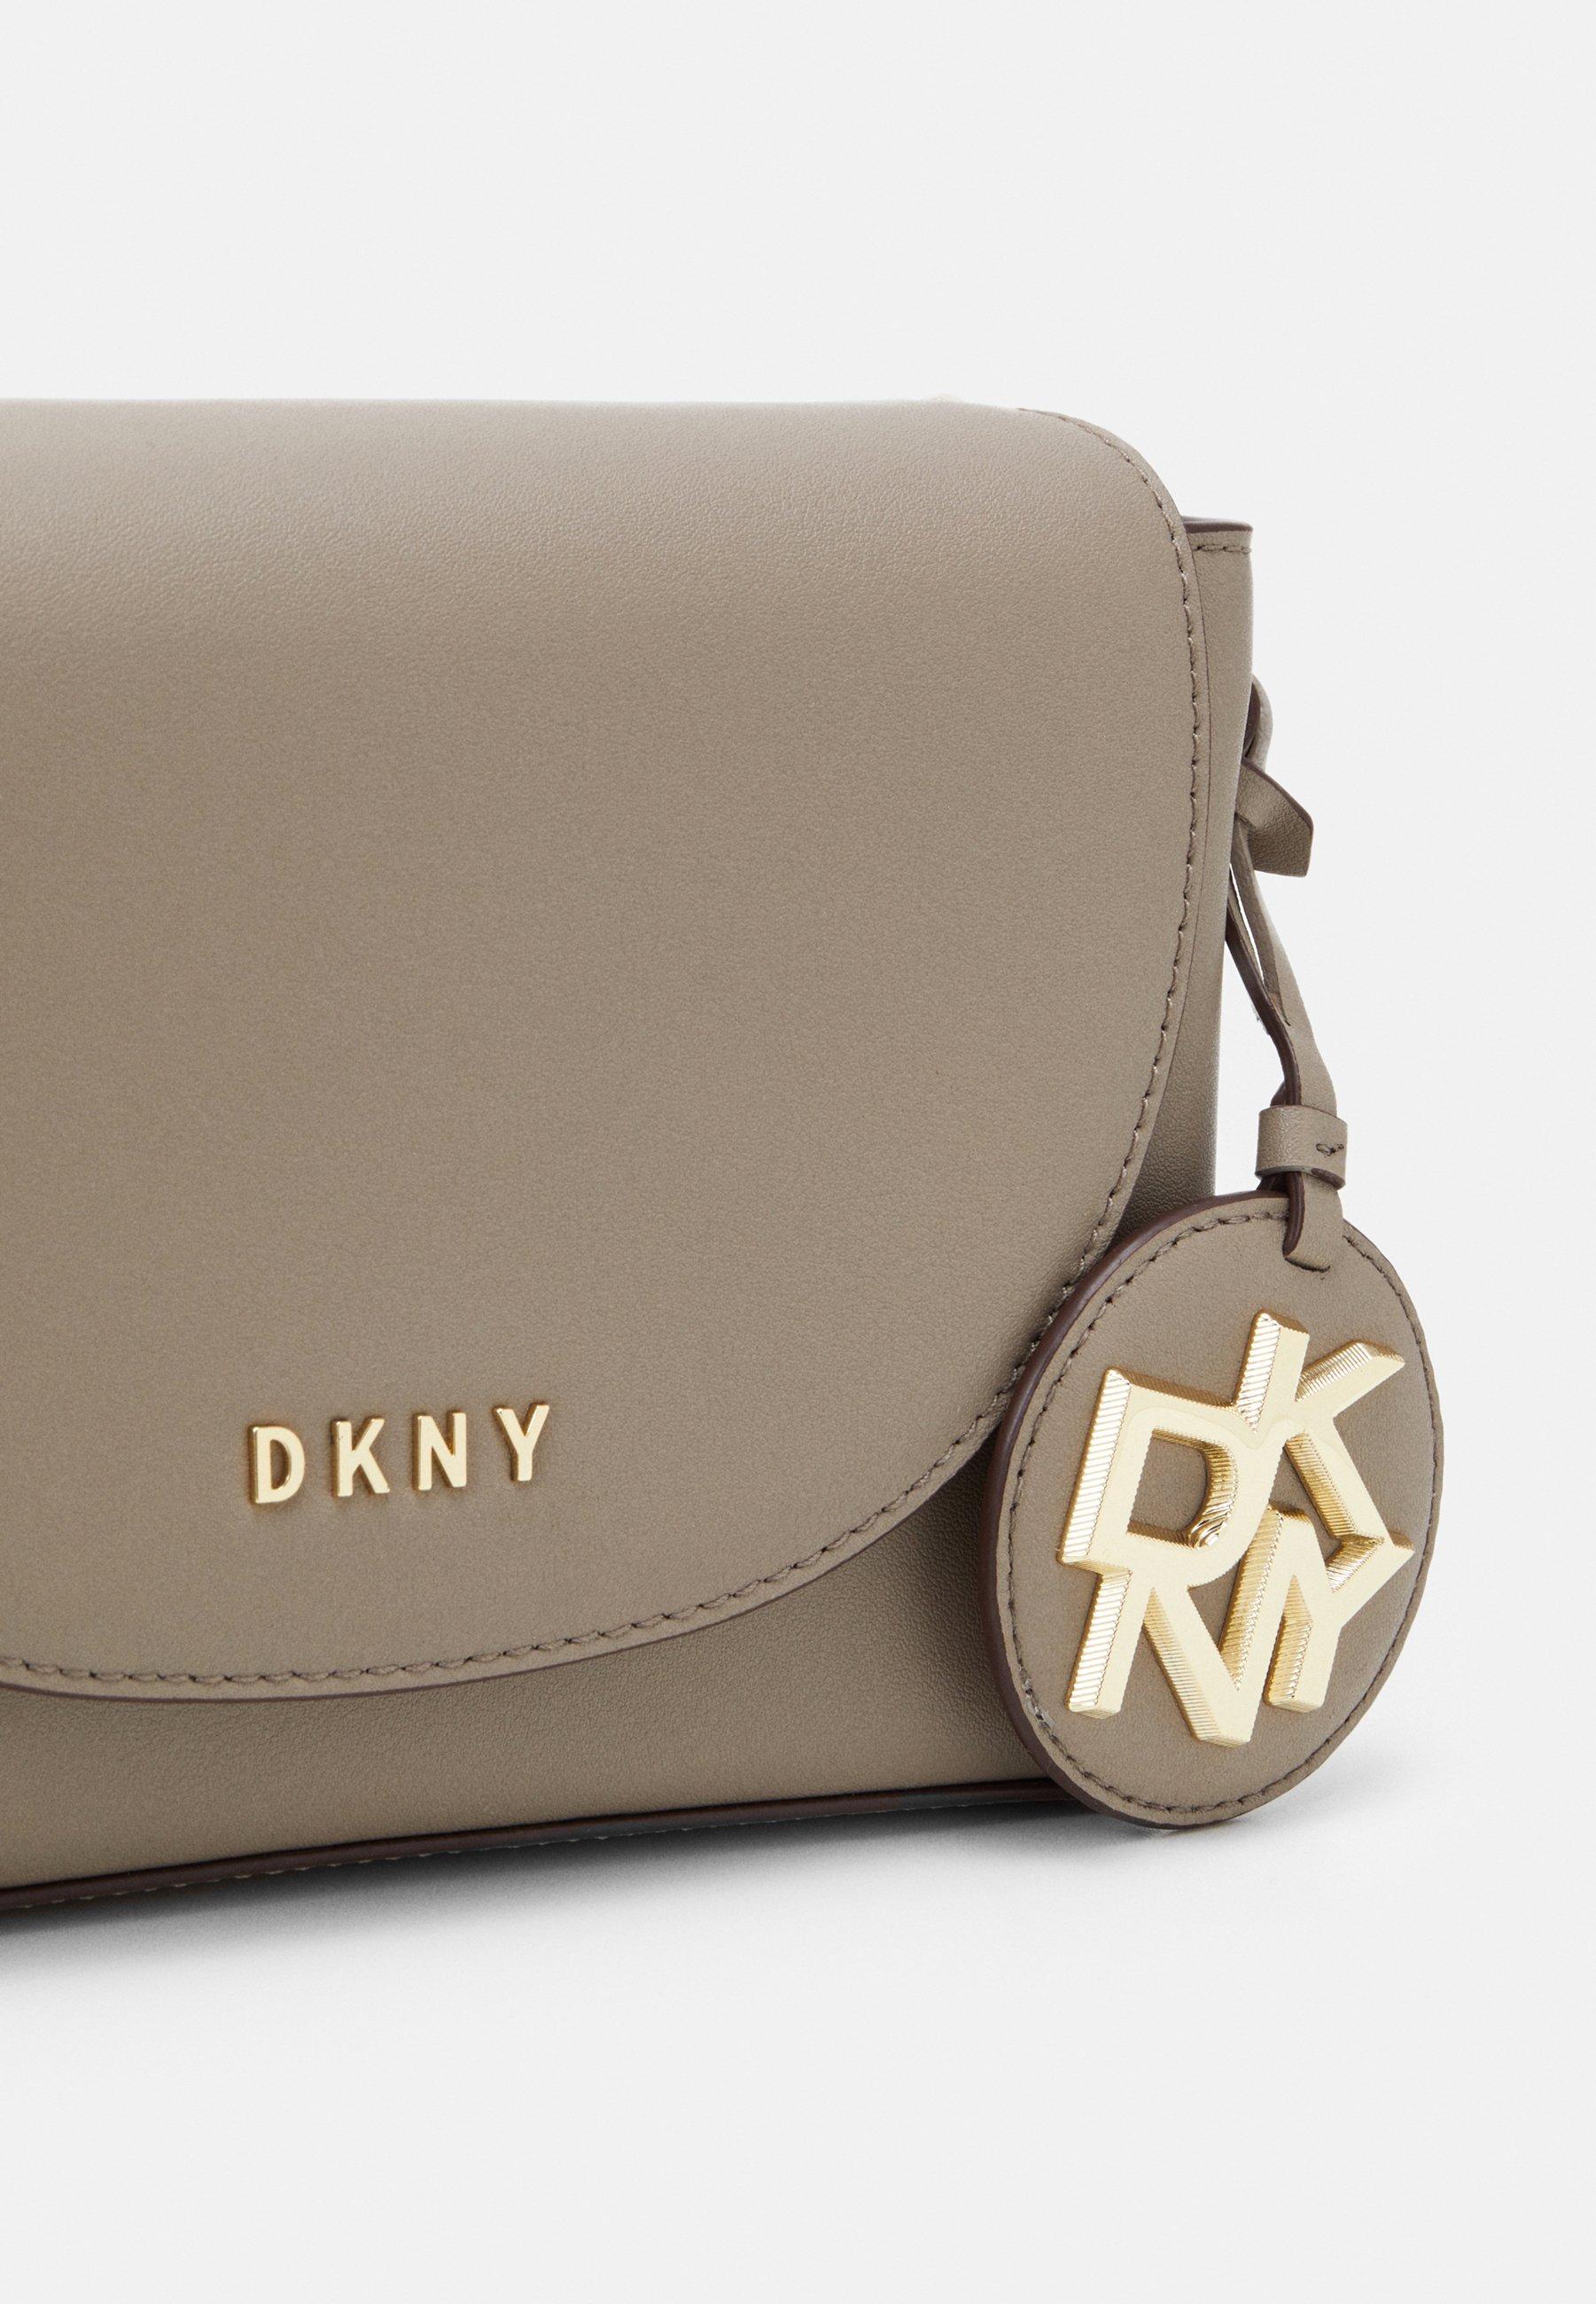 DKNY DAYNA FLAP CBODY Umhängetasche soft clay/grau